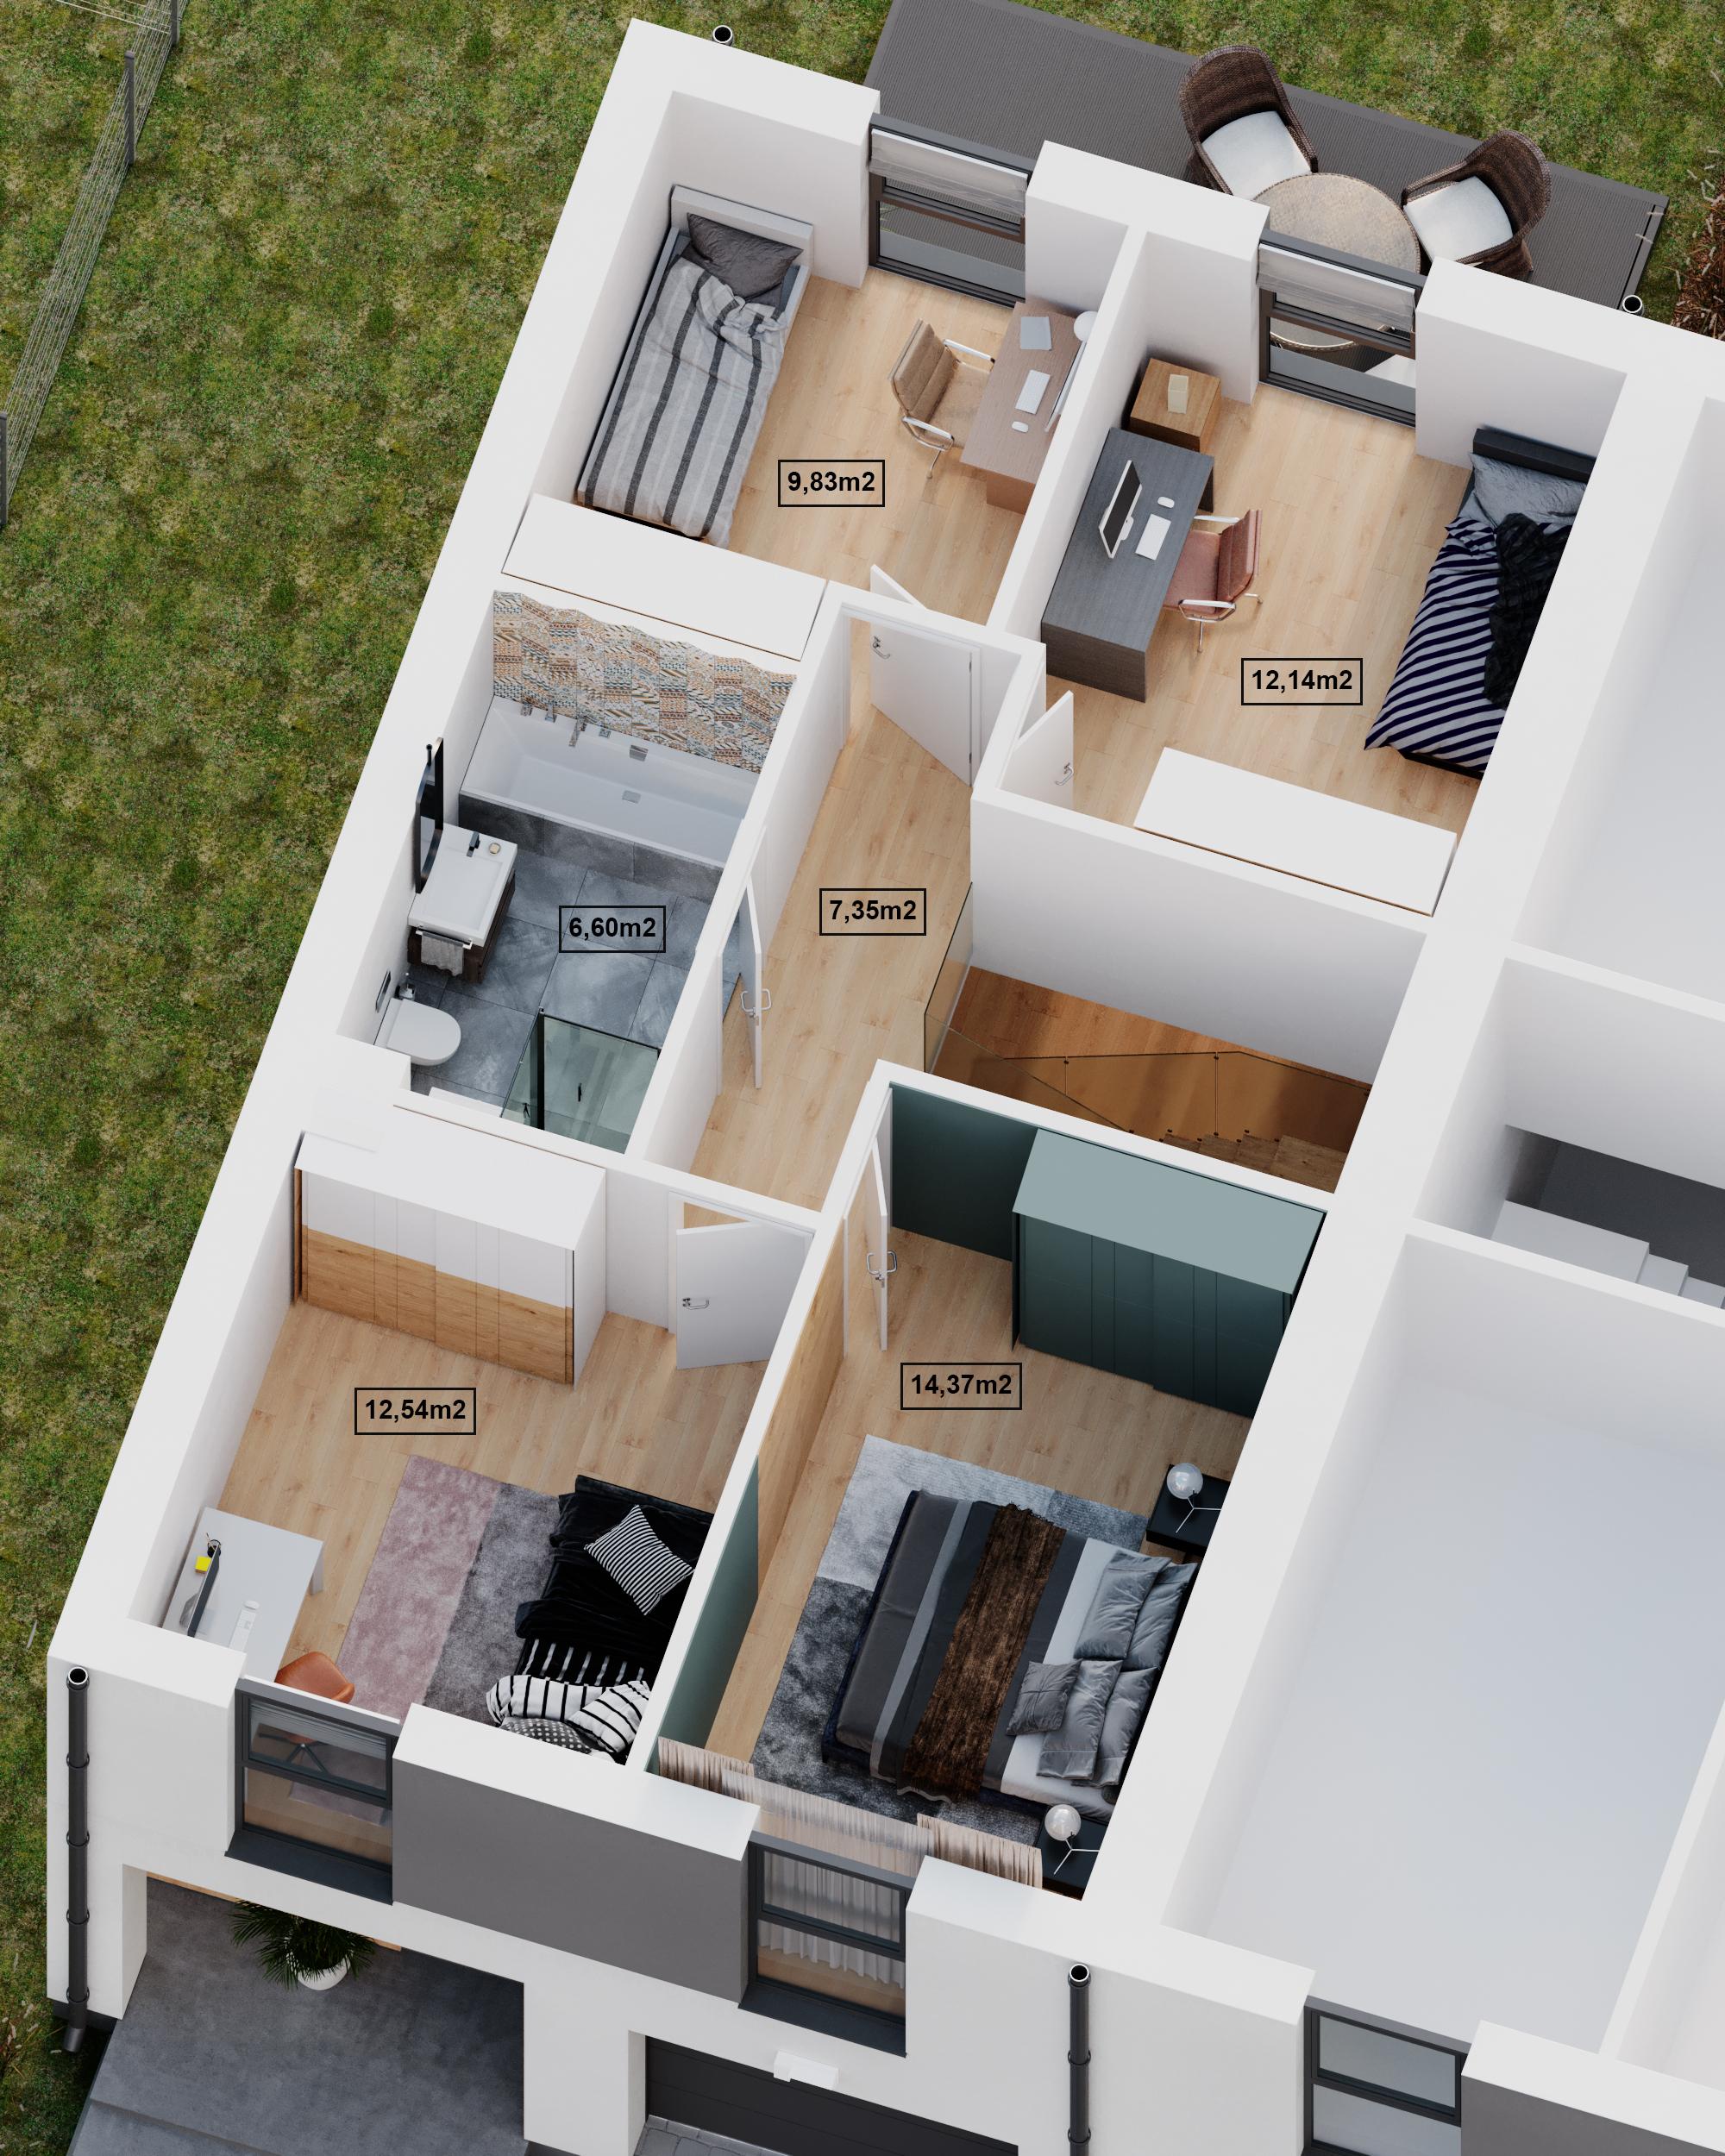 Viz 6 - Piętro